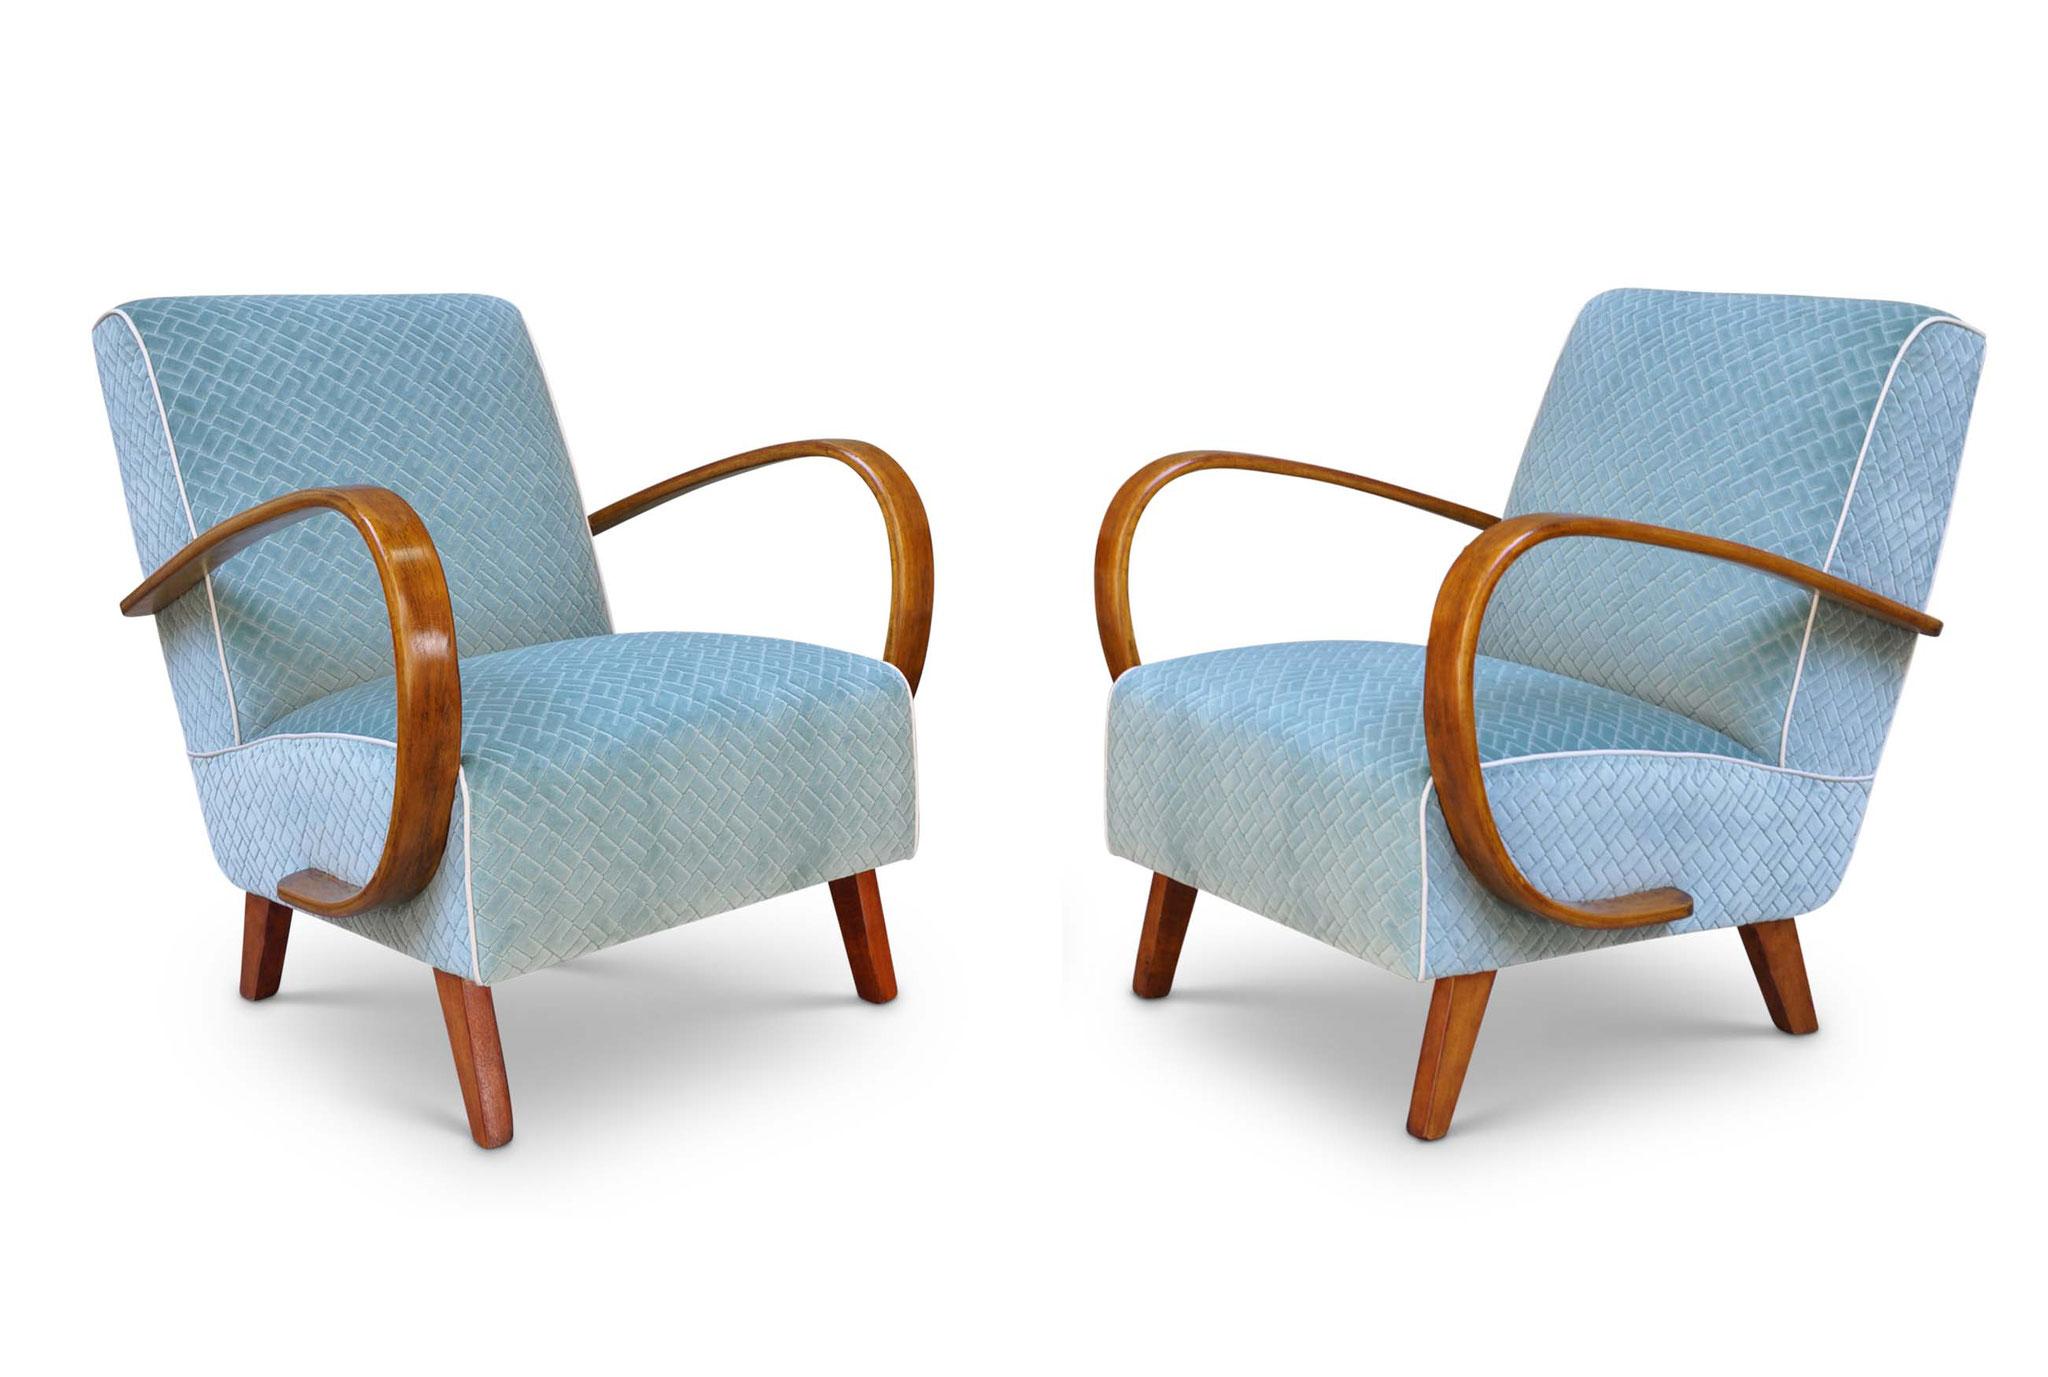 Poltrone Art Deco restaurate in velluto goffrato da Atelier Caruso Torino